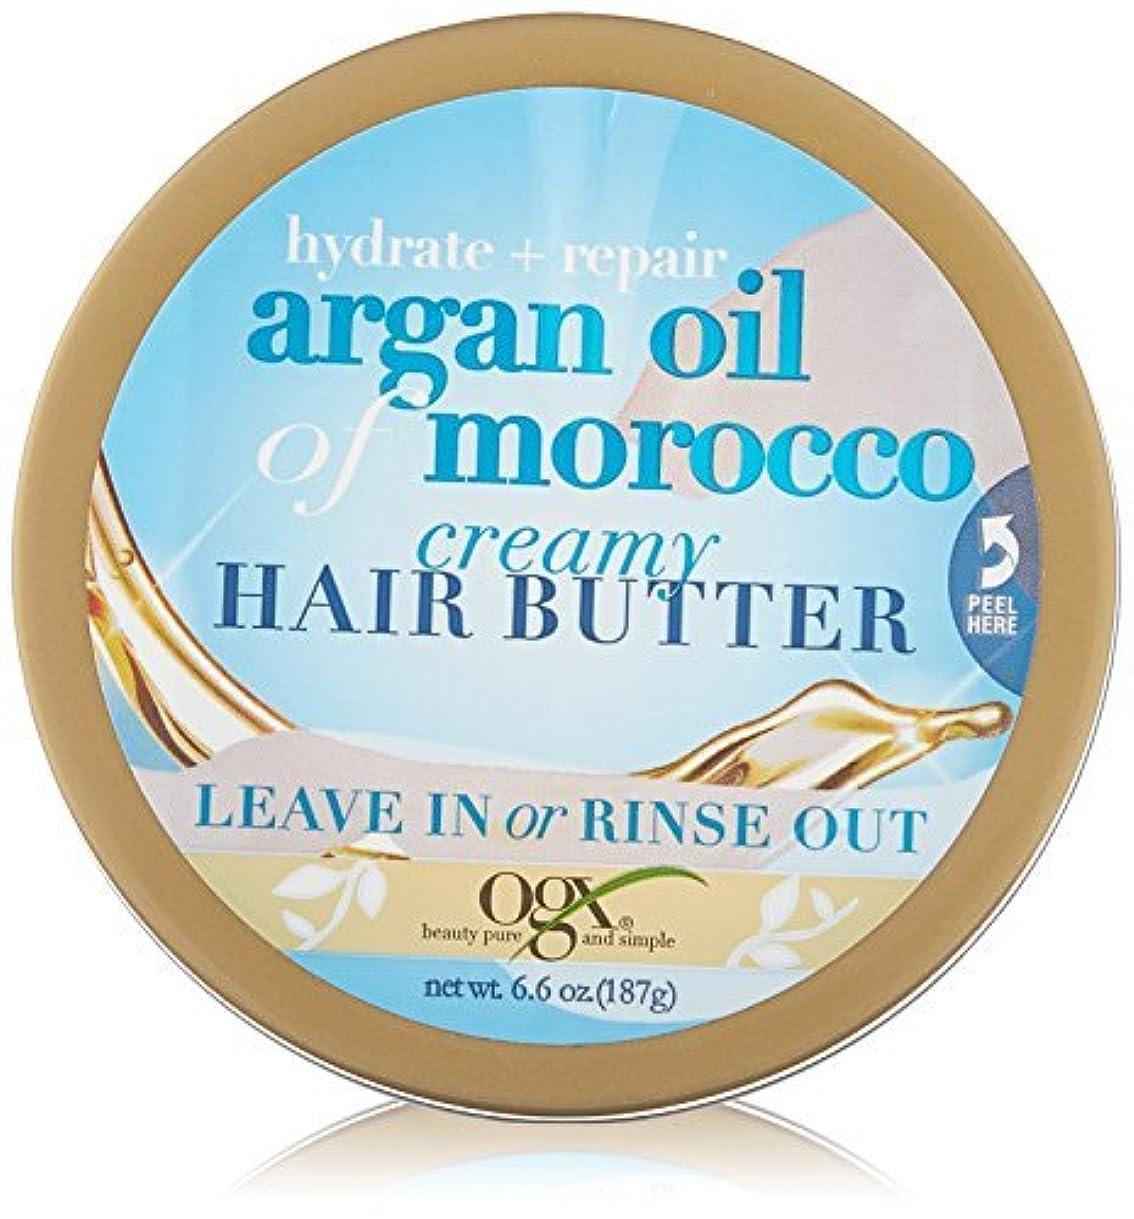 帝国協同ずらすOGX Hydrate Plus Repair Argan Oil of Morocco, 6.6 Ounce [並行輸入品]